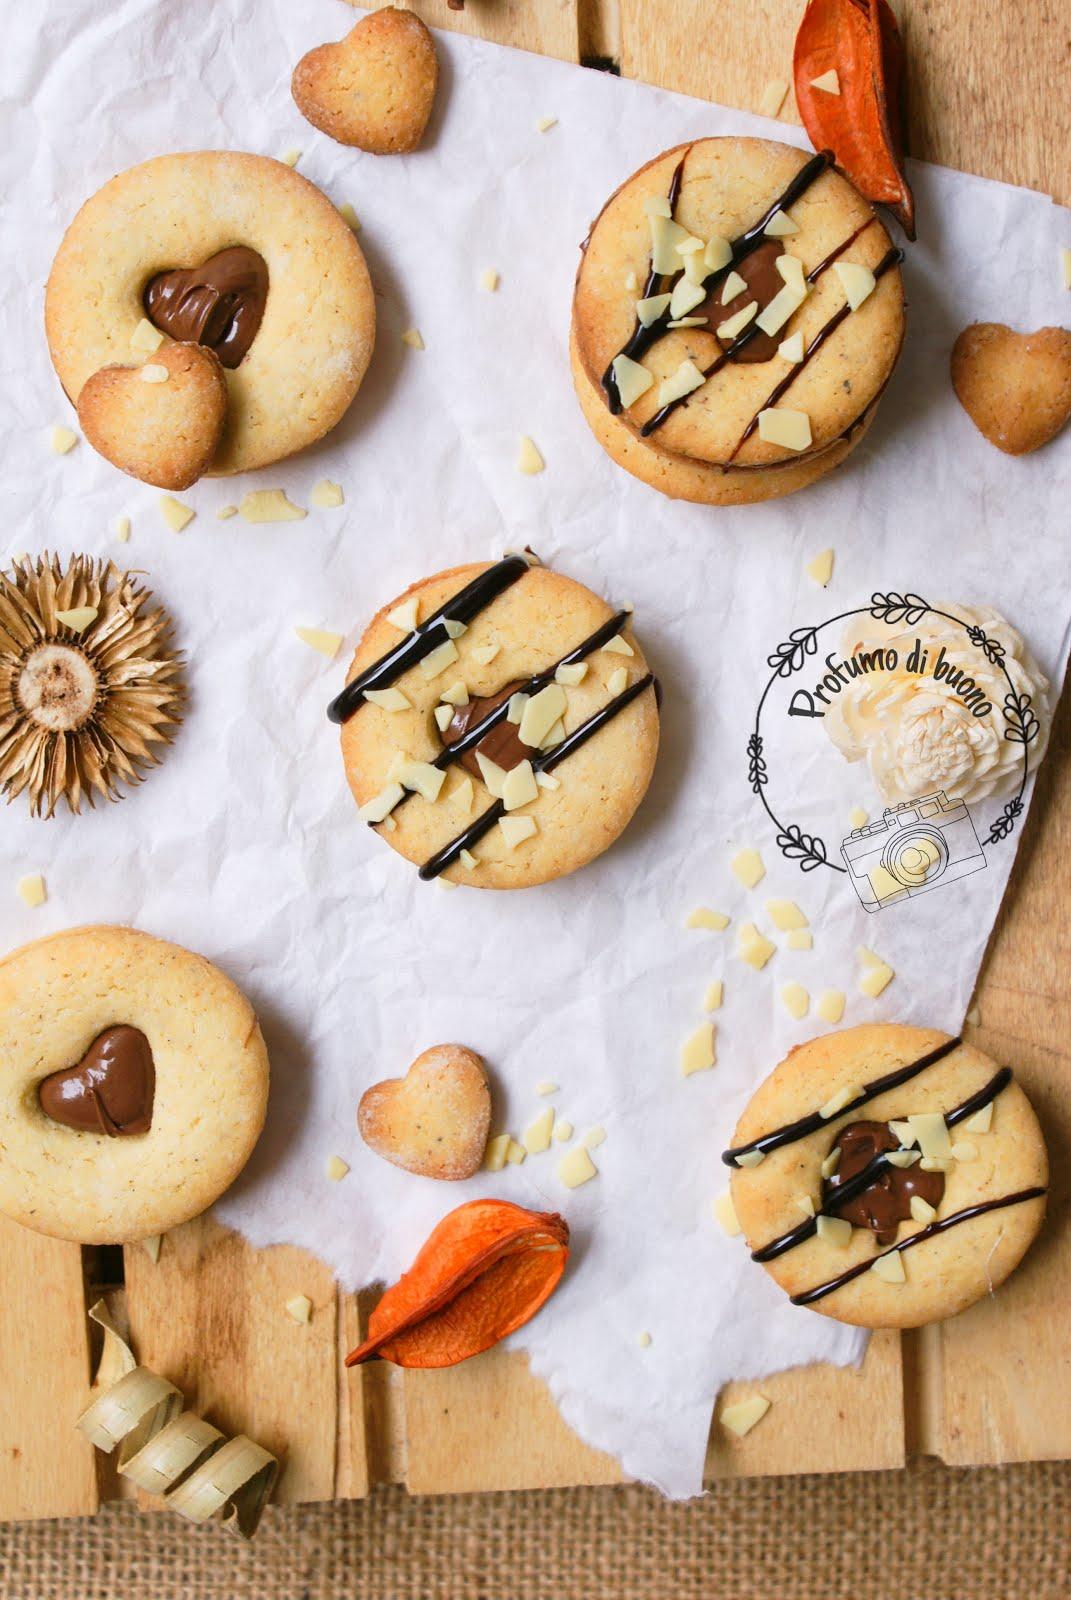 Biscotti senza glutine integrali con crema di nocciole, coperti di cioccolato fondente e scagliette di cioccolato bianco